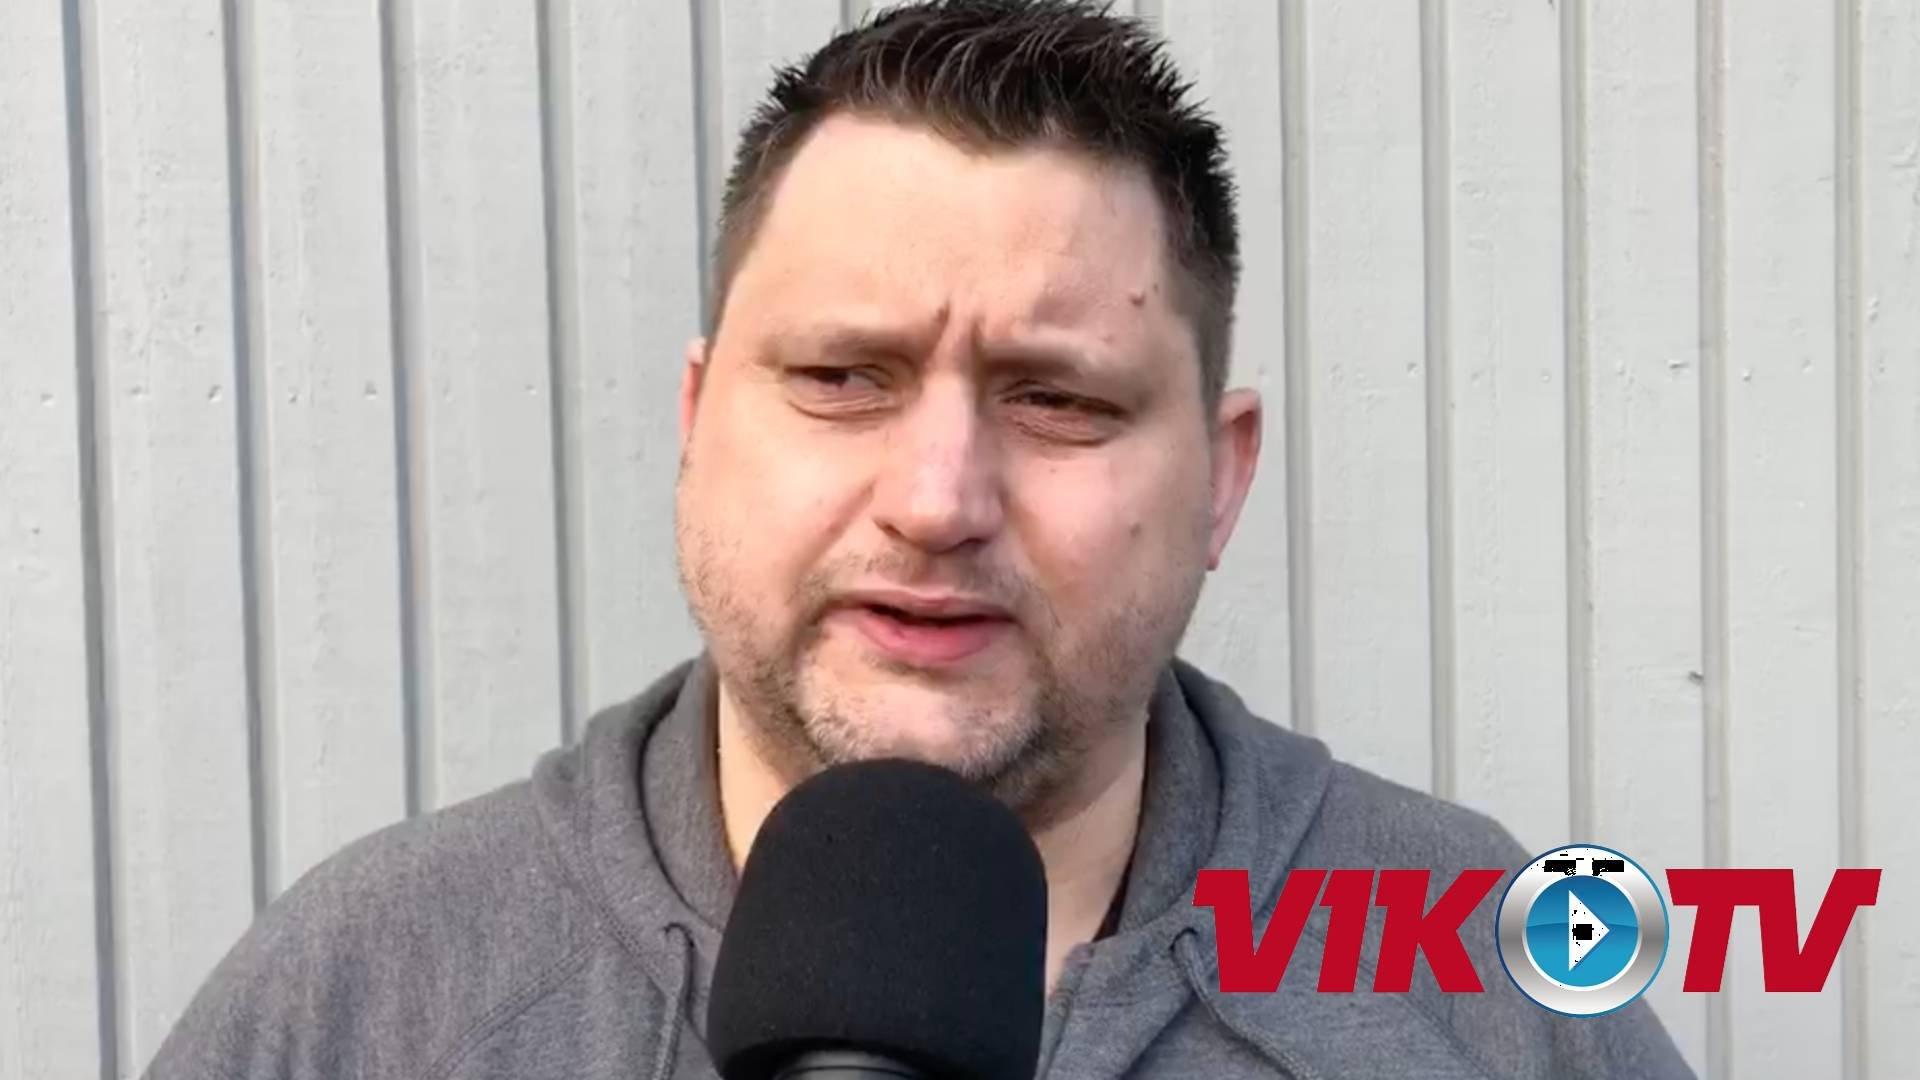 Intervju med Karlin inför mötet med Modo